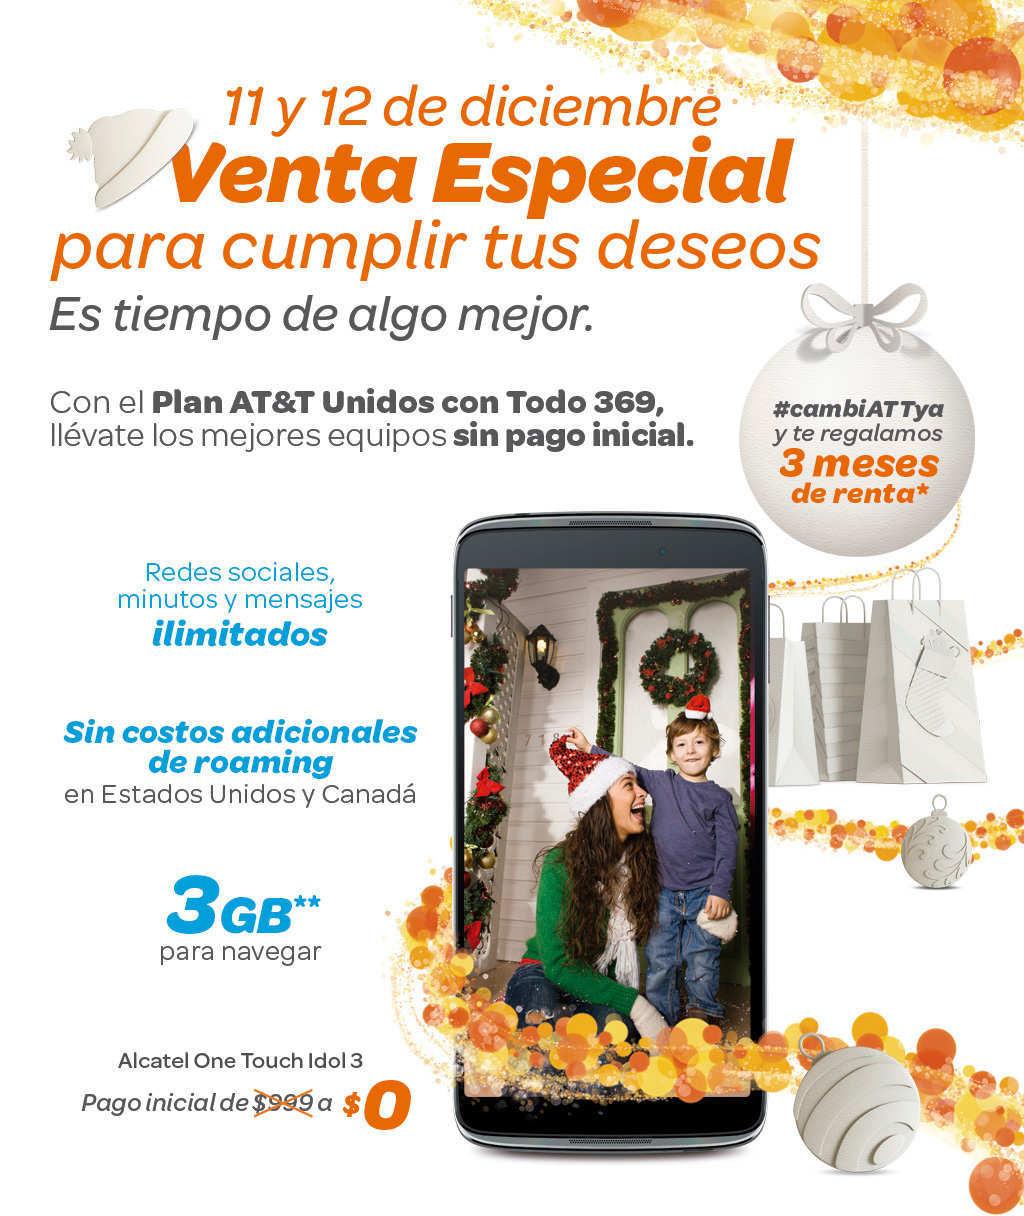 AT&T: Venta Especial 11 y 12 de Diciembre